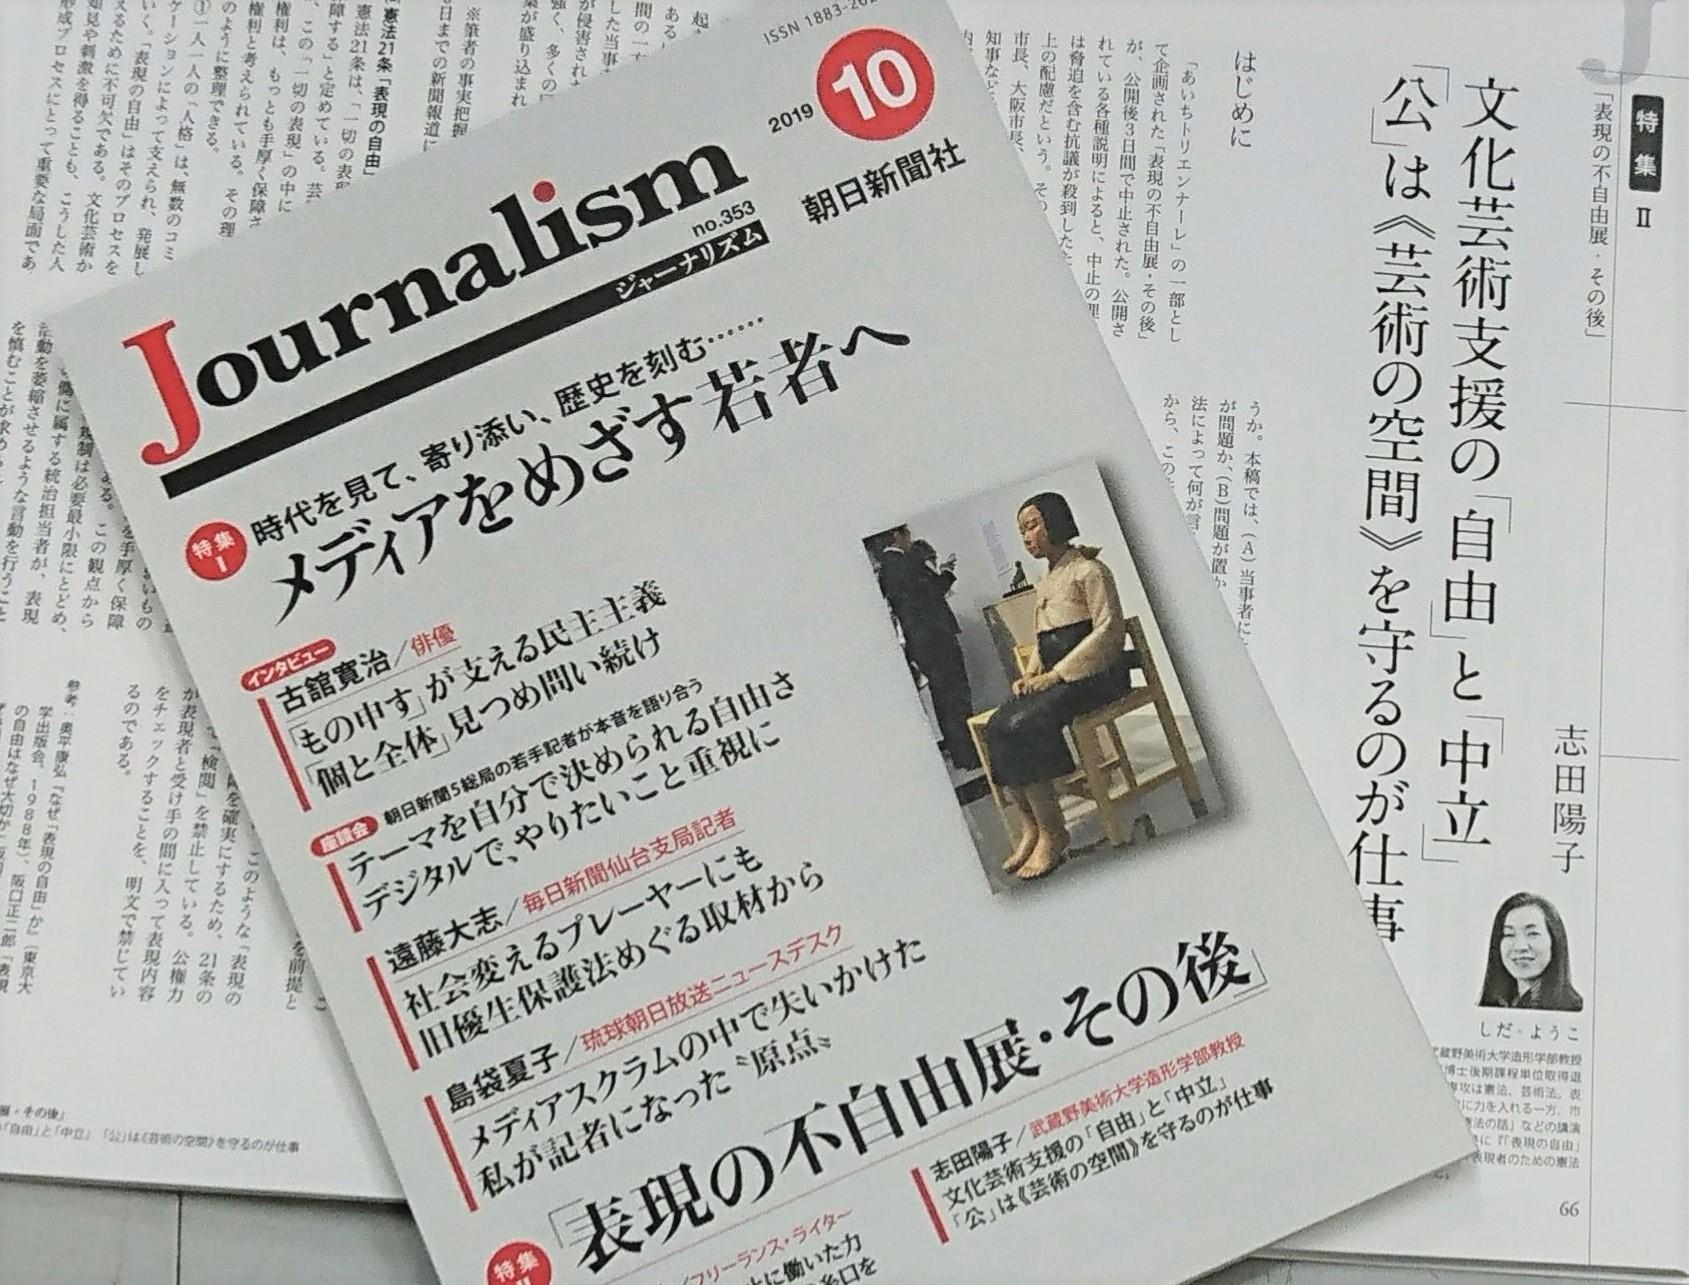 朝日ジャーナリズム10月号写真_20191010 志田陽子